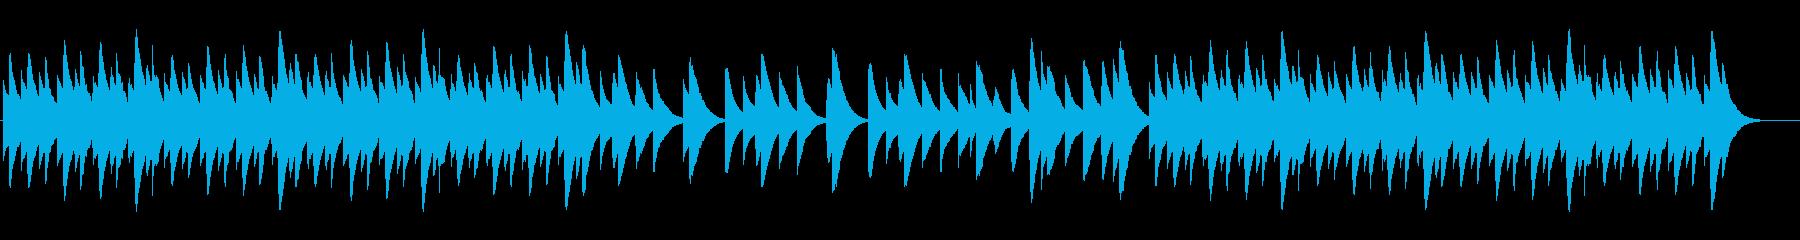 動物ドキュメンタリーでかかるBGMの再生済みの波形